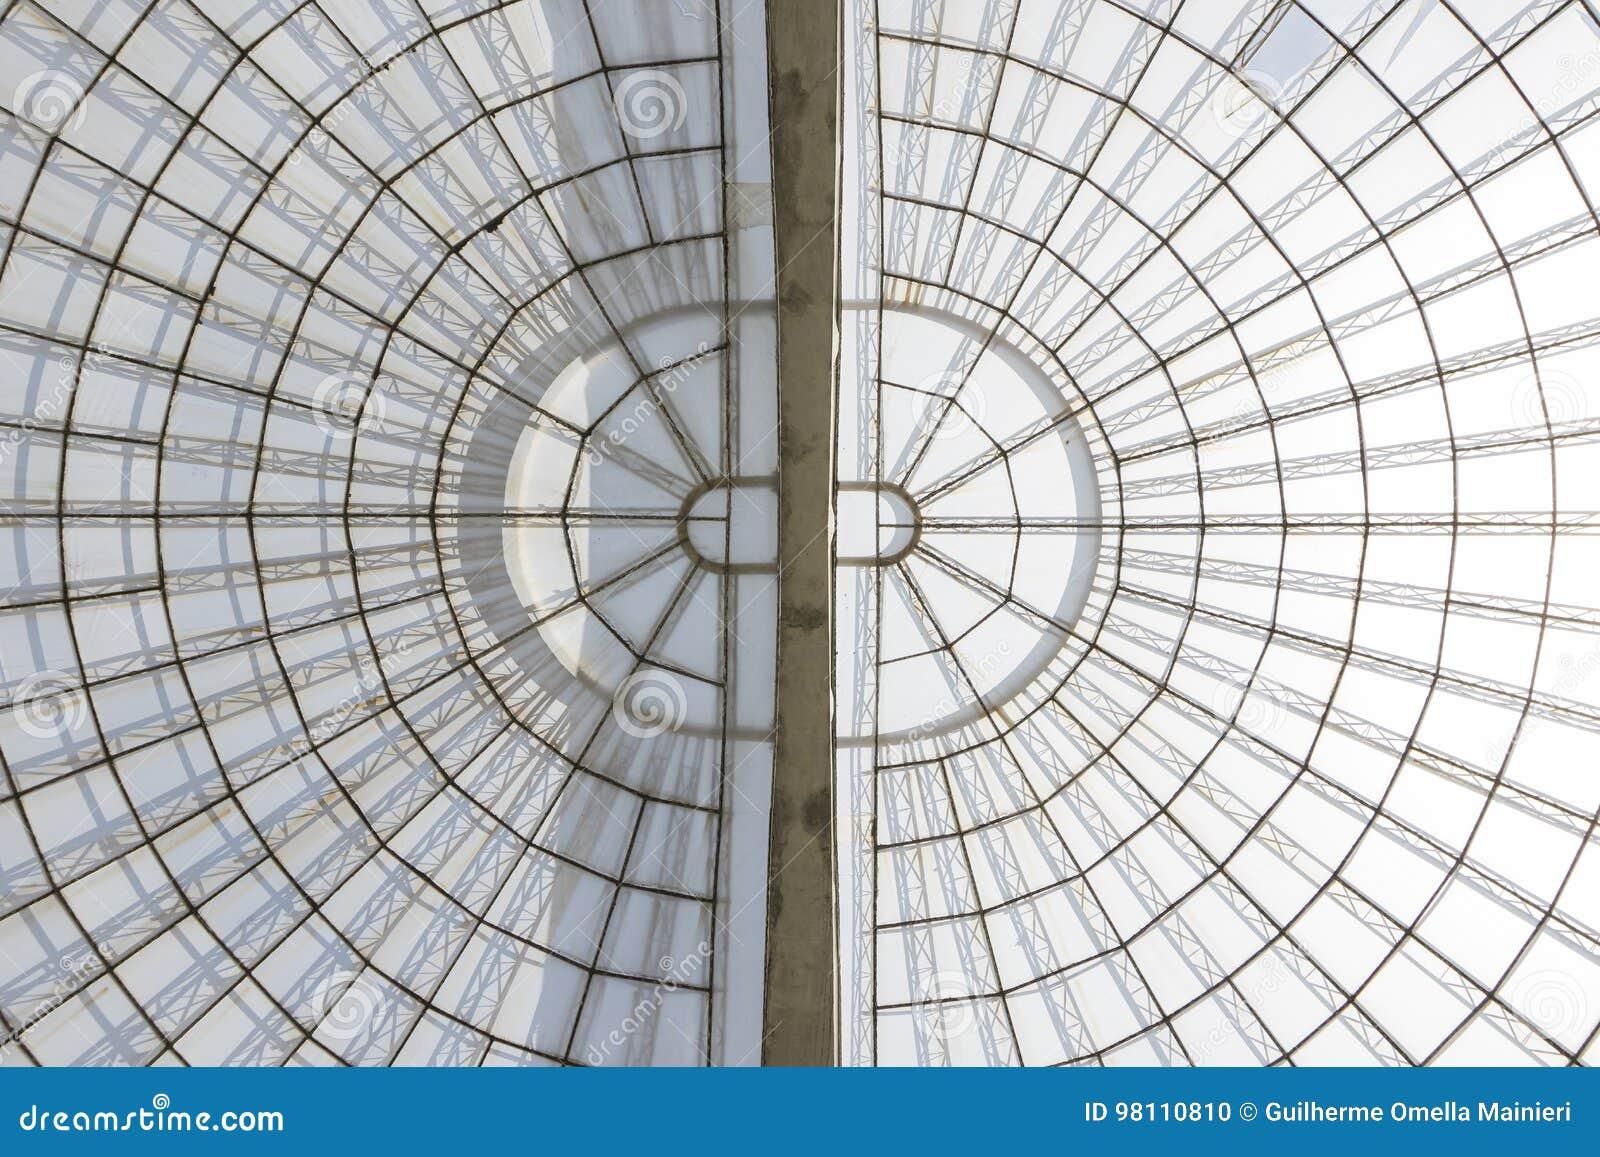 Структура симметричного купола парника vertial увиденная снизу